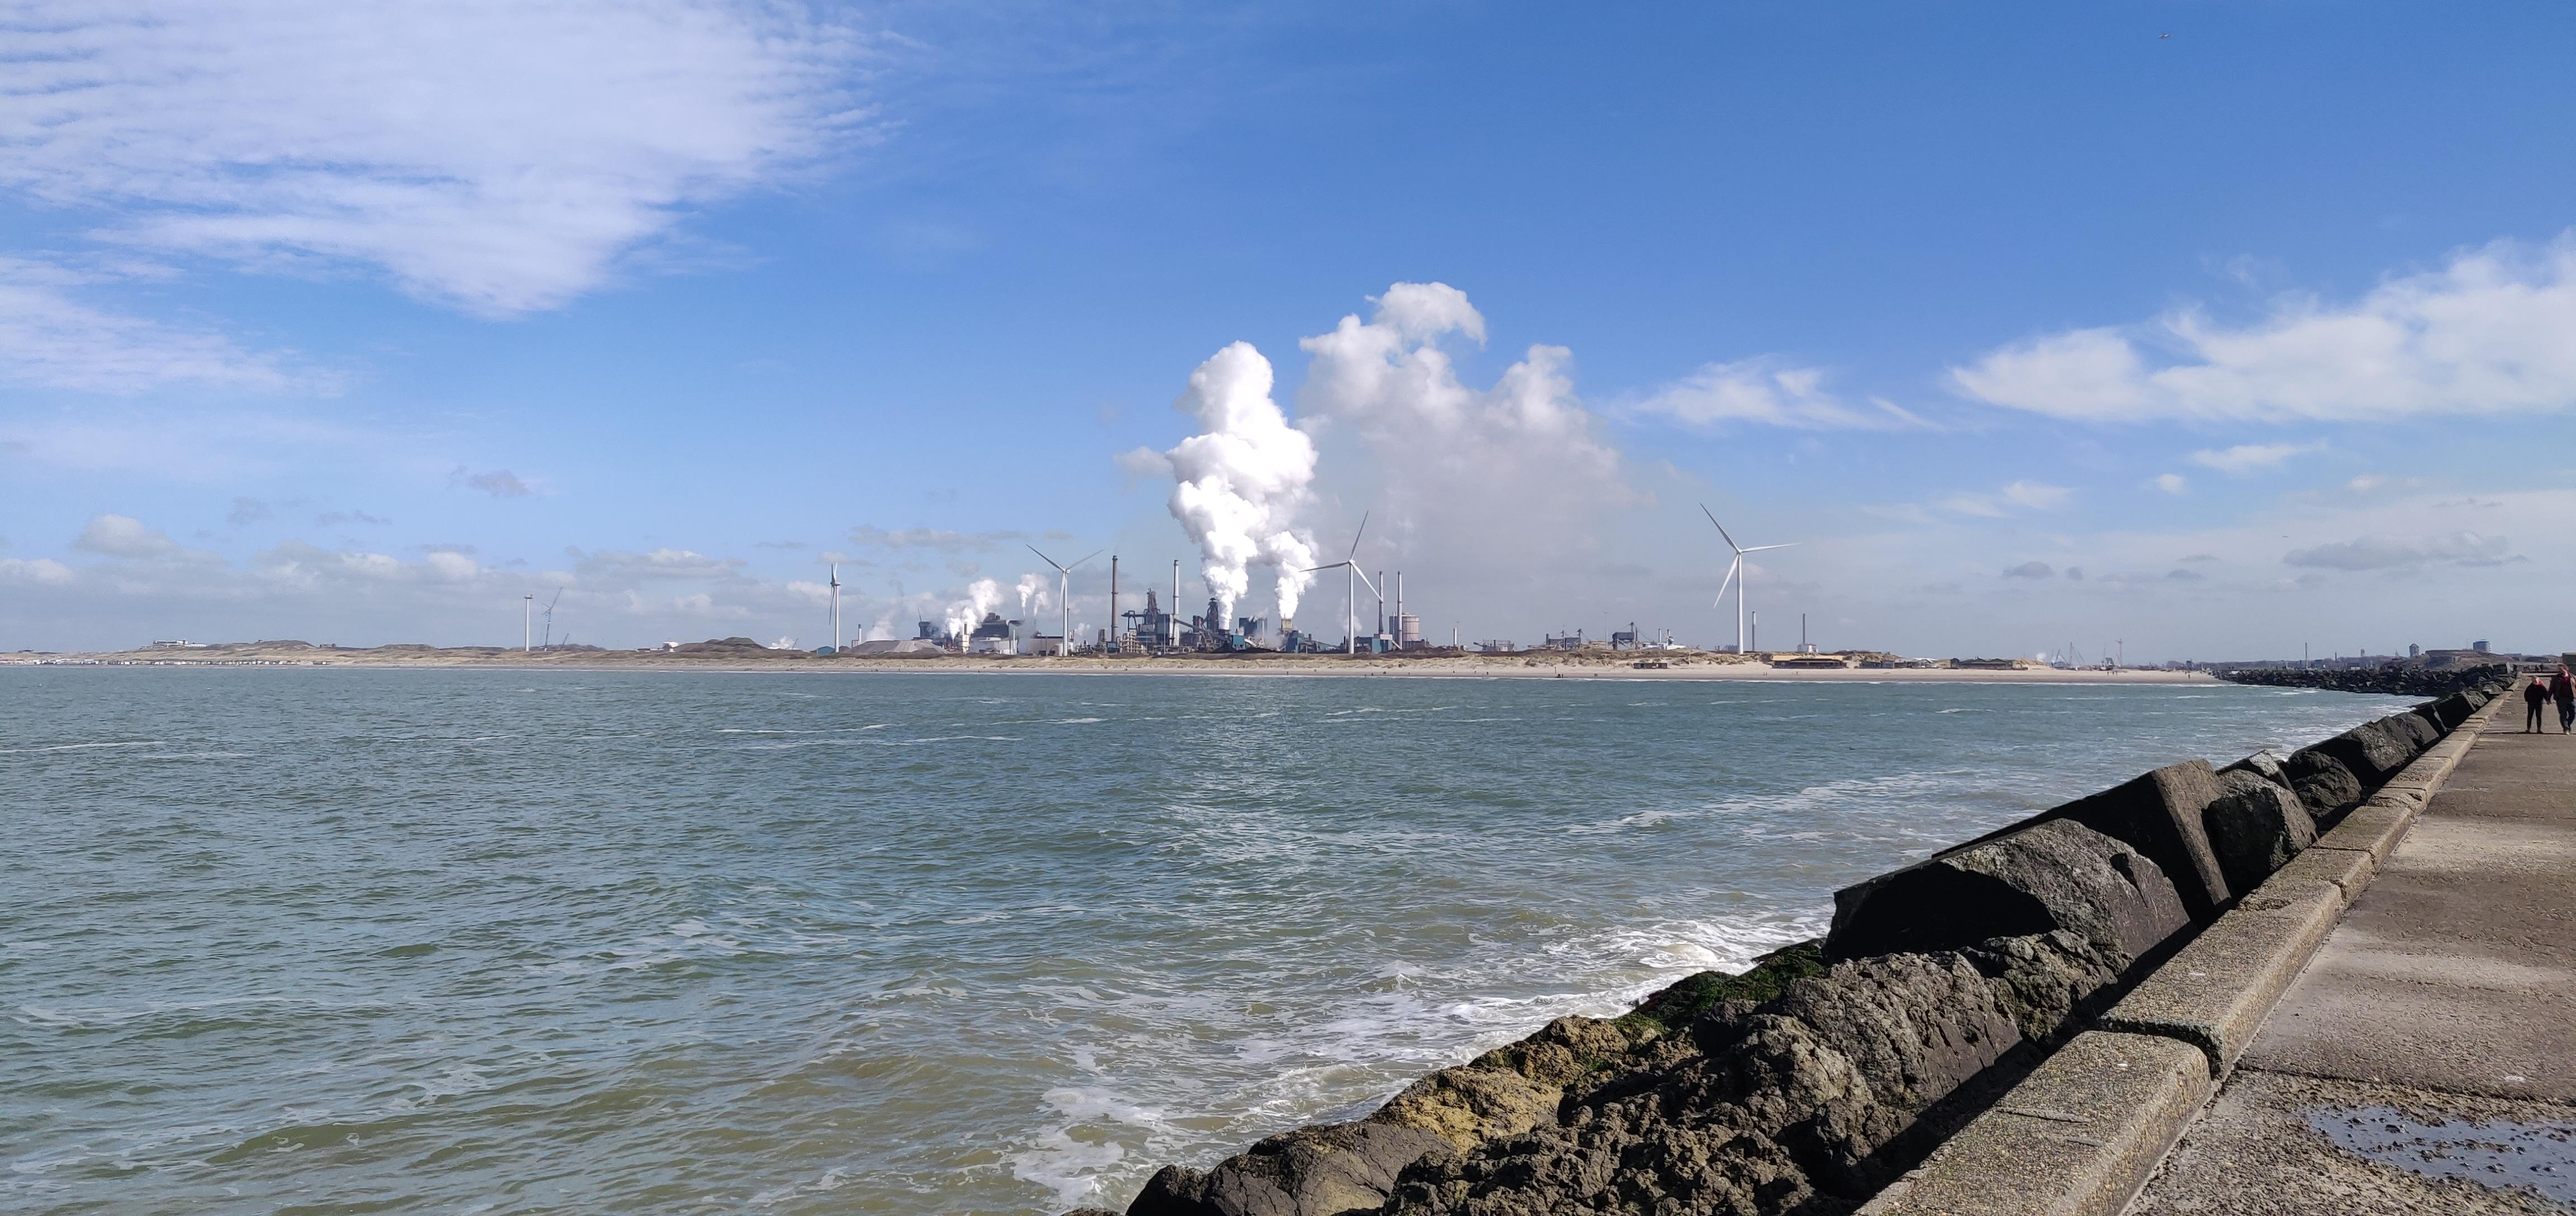 Tata Steel maakt een milieufout, meldt die aan Omgevingsdienst, maar een dwangsom blijft uit